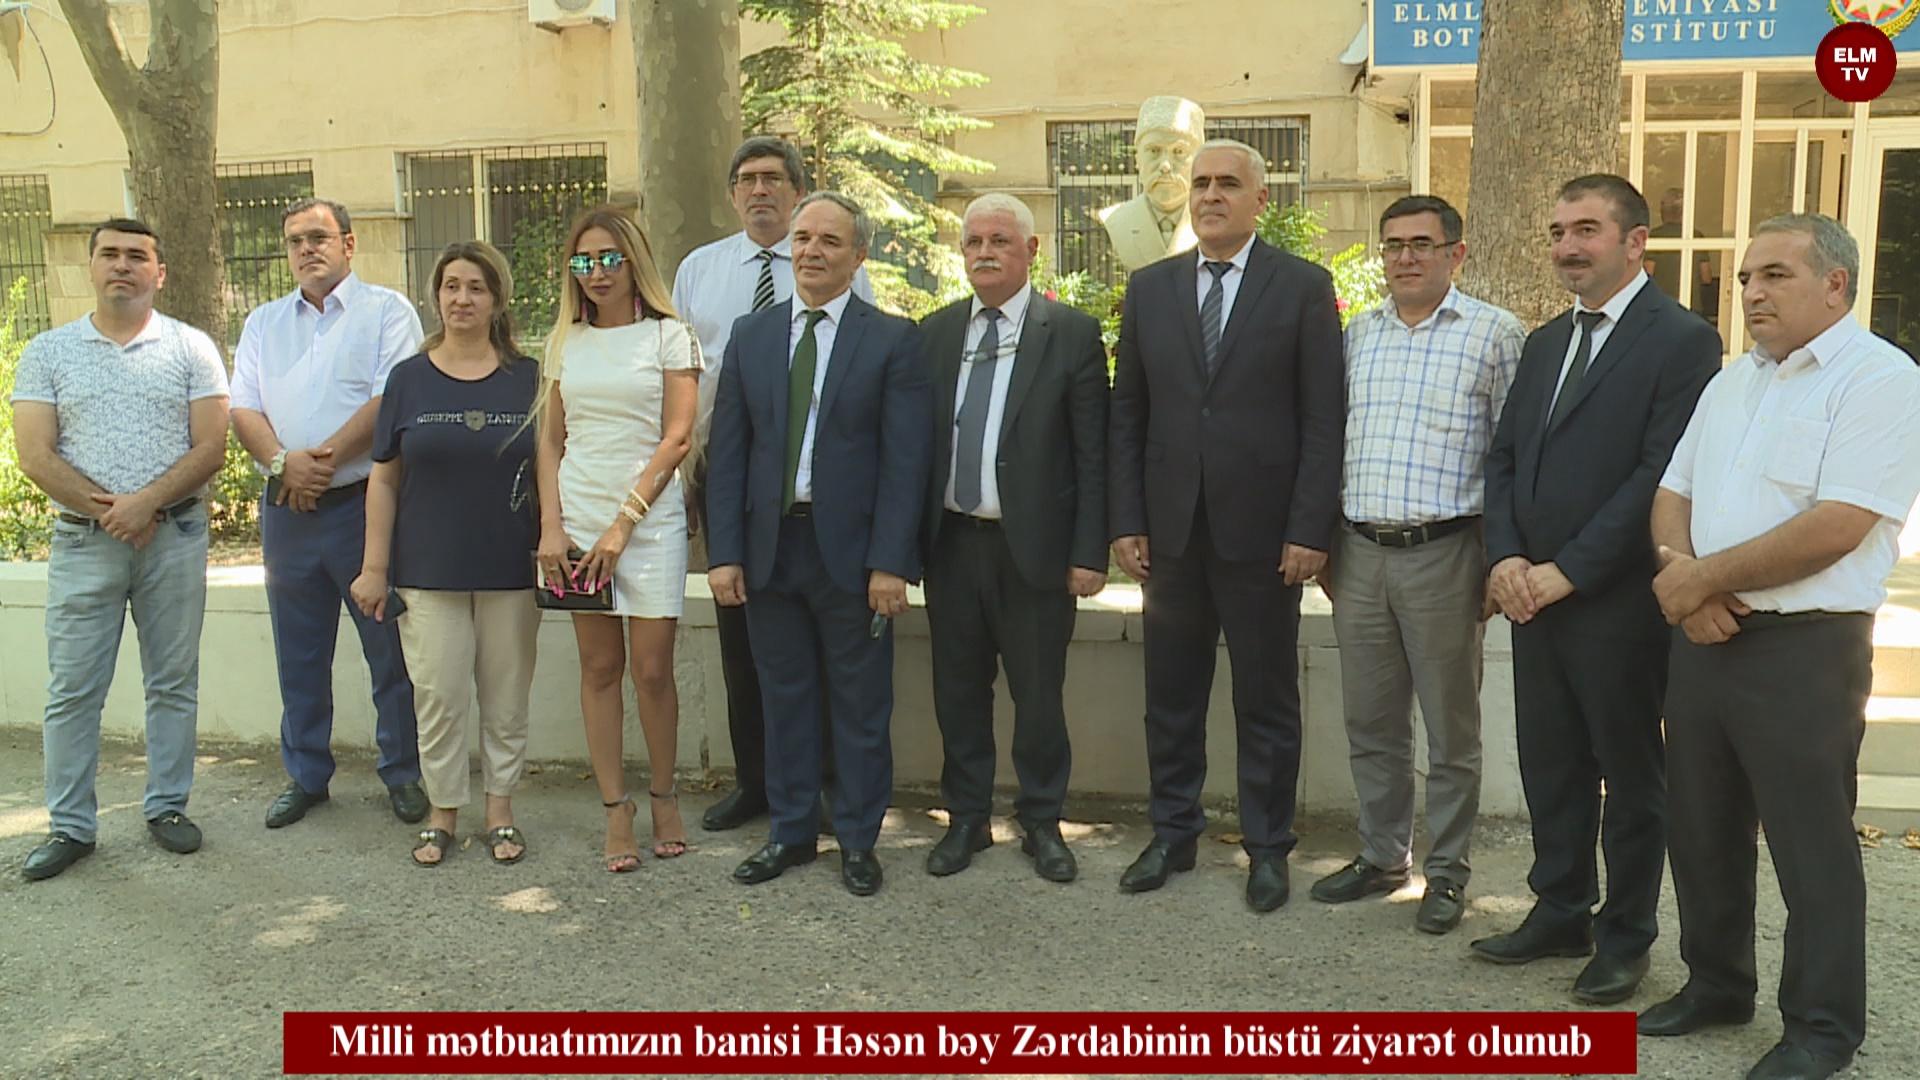 Milli mətbuatımızın banisi Həsən bəy Zərdabinin büstü ziyarət olunub